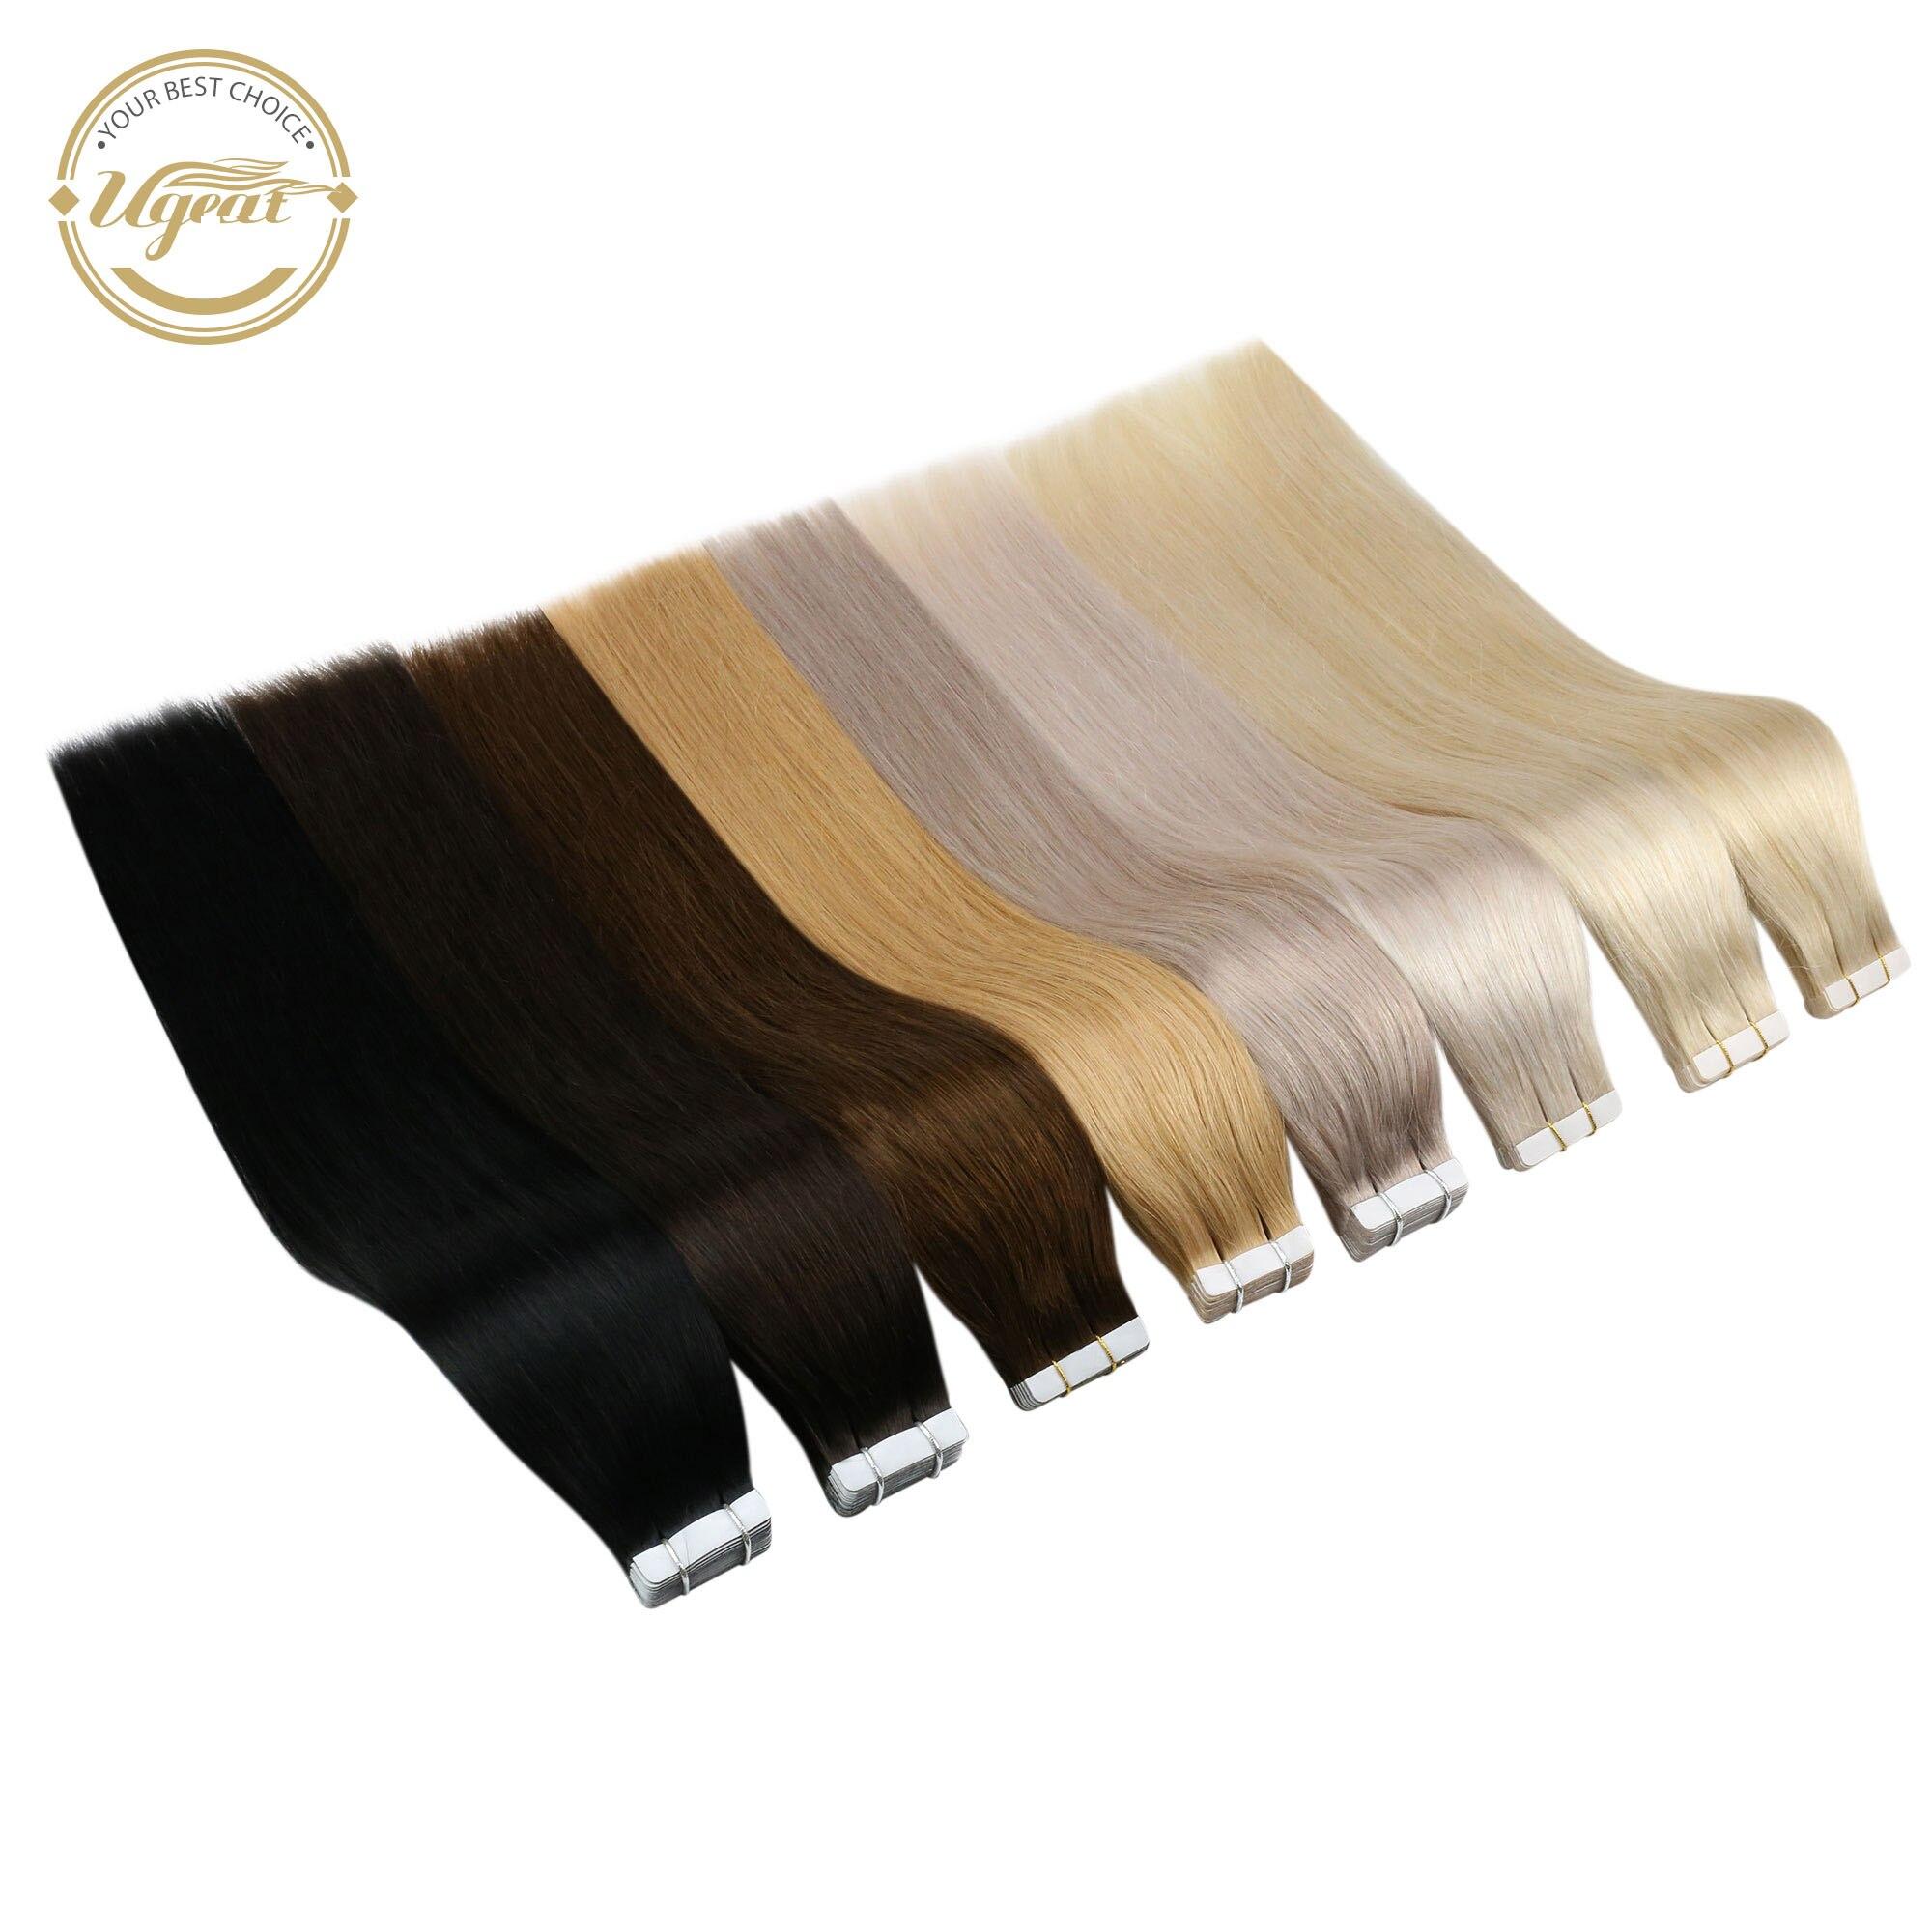 [Venda] fita de ugeat em extensões do cabelo humano real cabelo brasileiro 10 p/20 p/40 p máquina remy sedosa reta sem emenda trama da pele 2.5 g/p